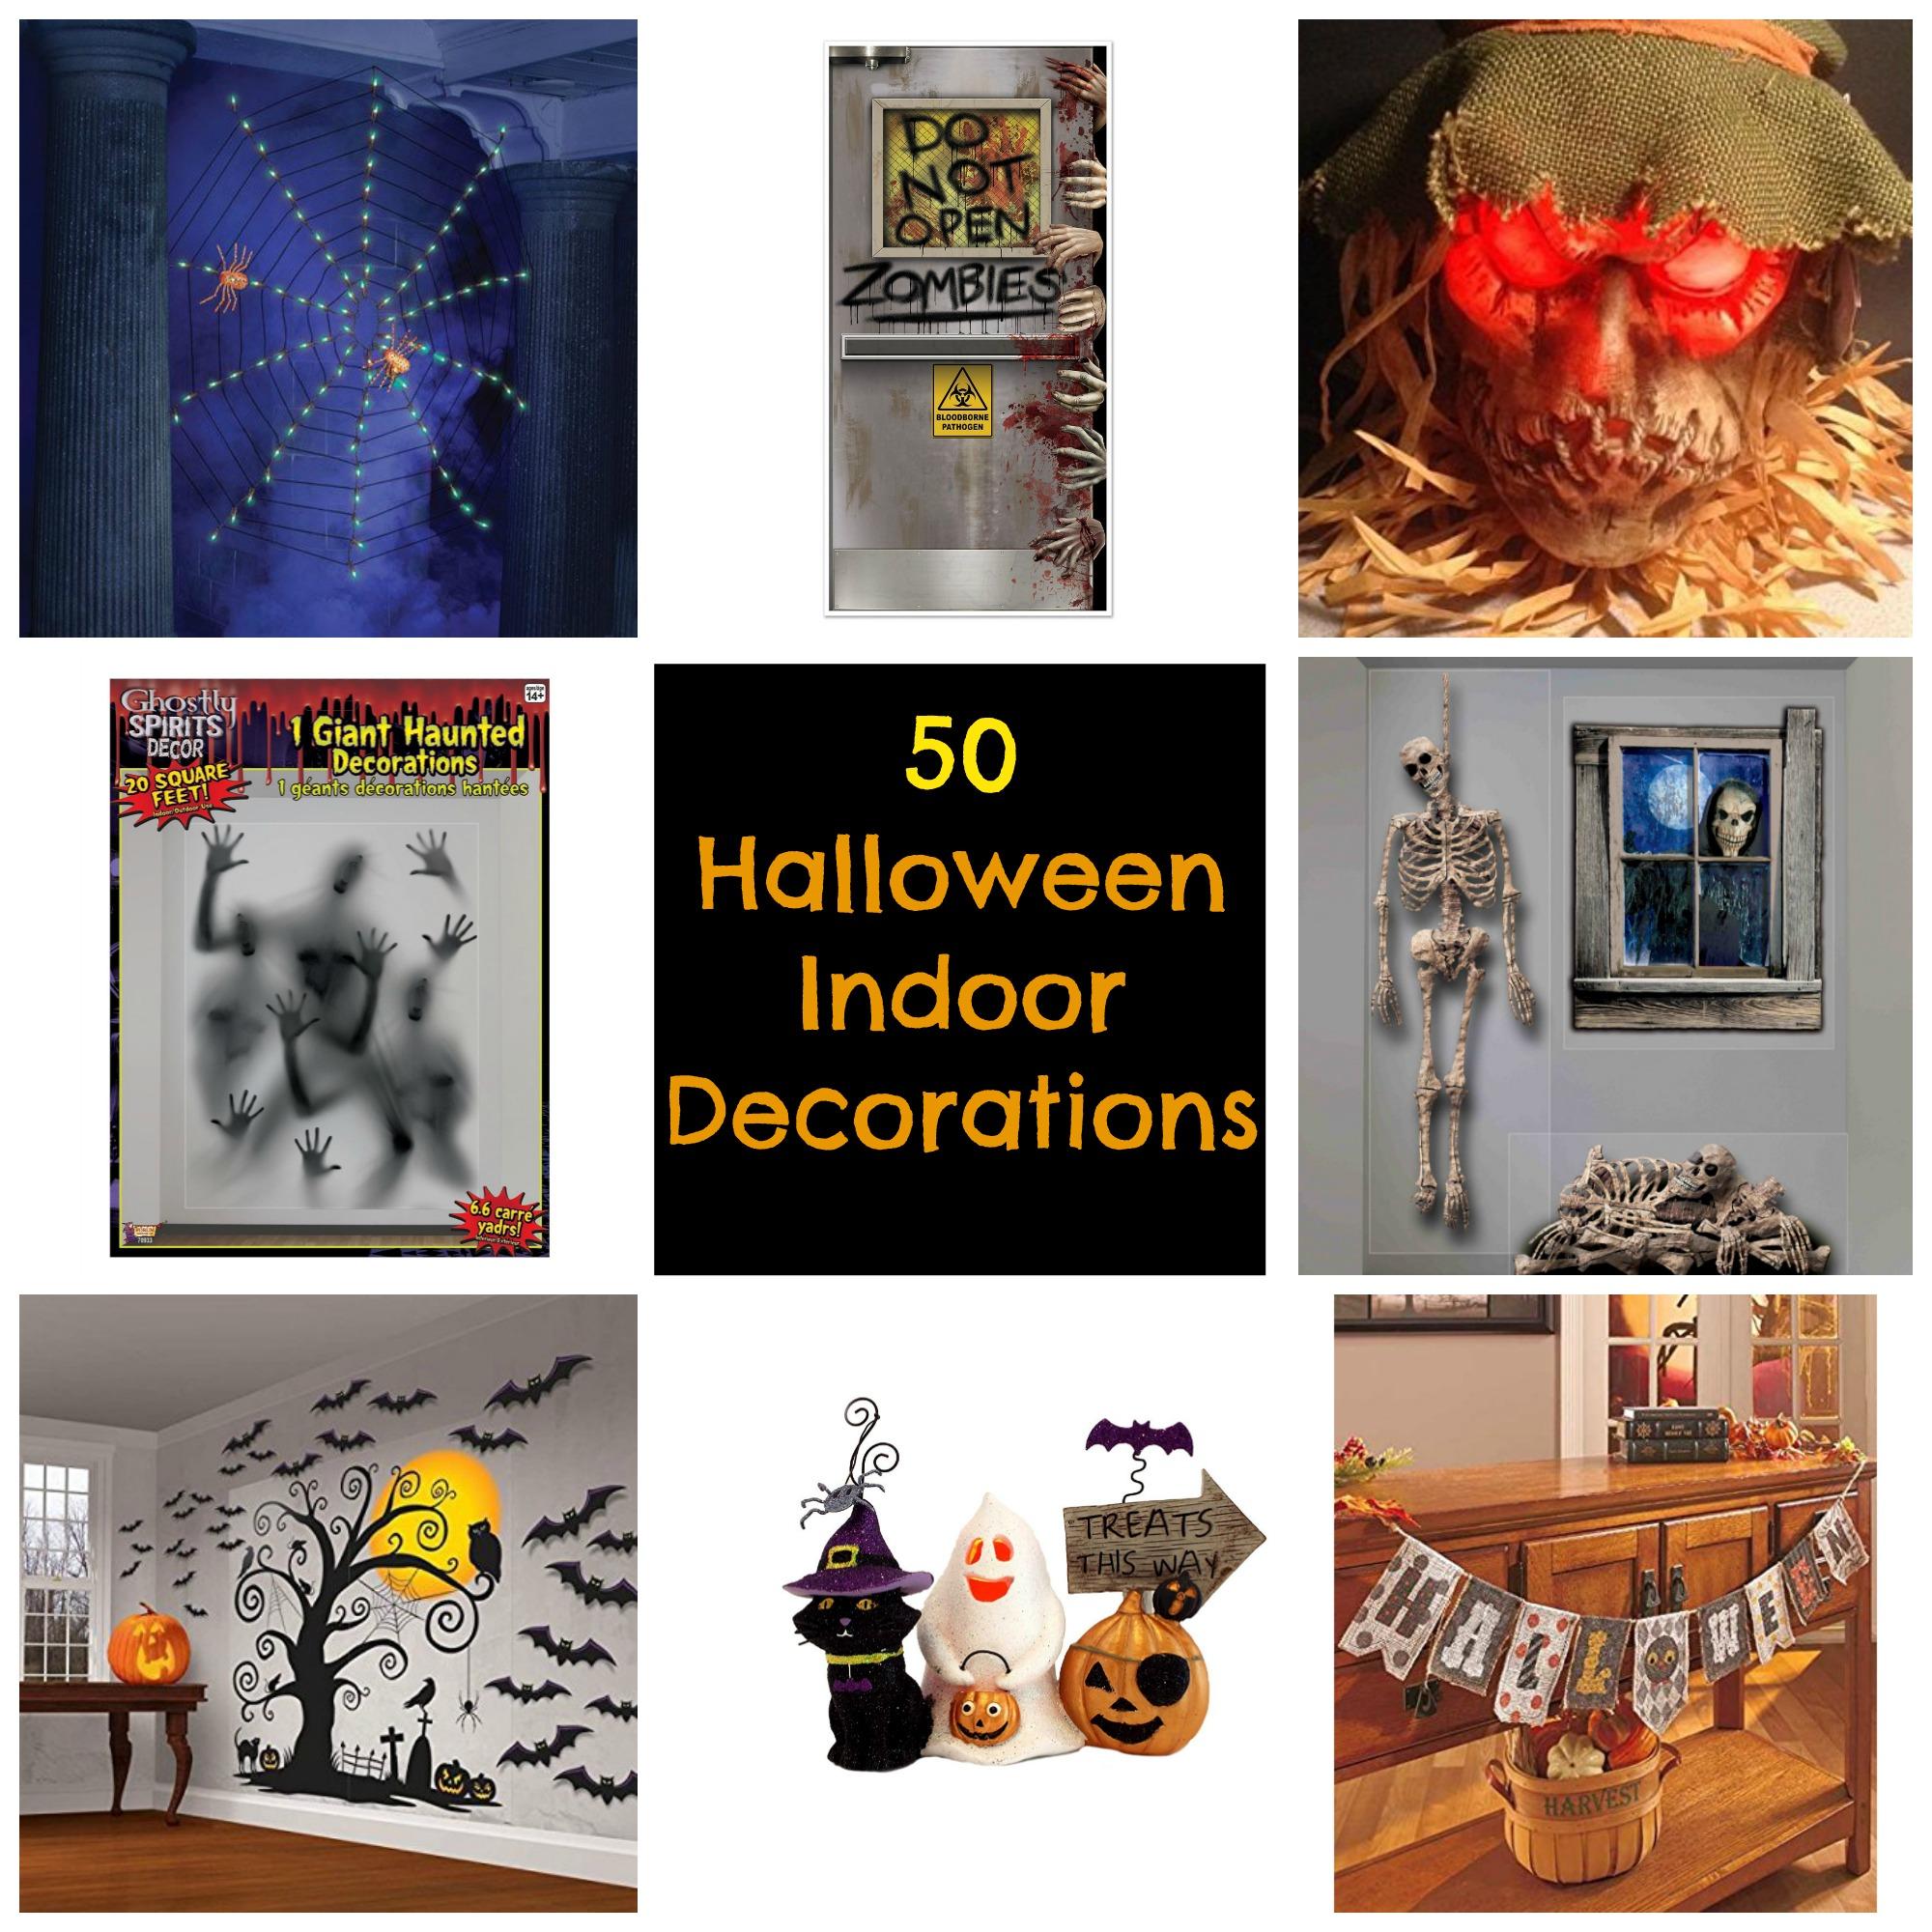 Halloween Indoor Decorations